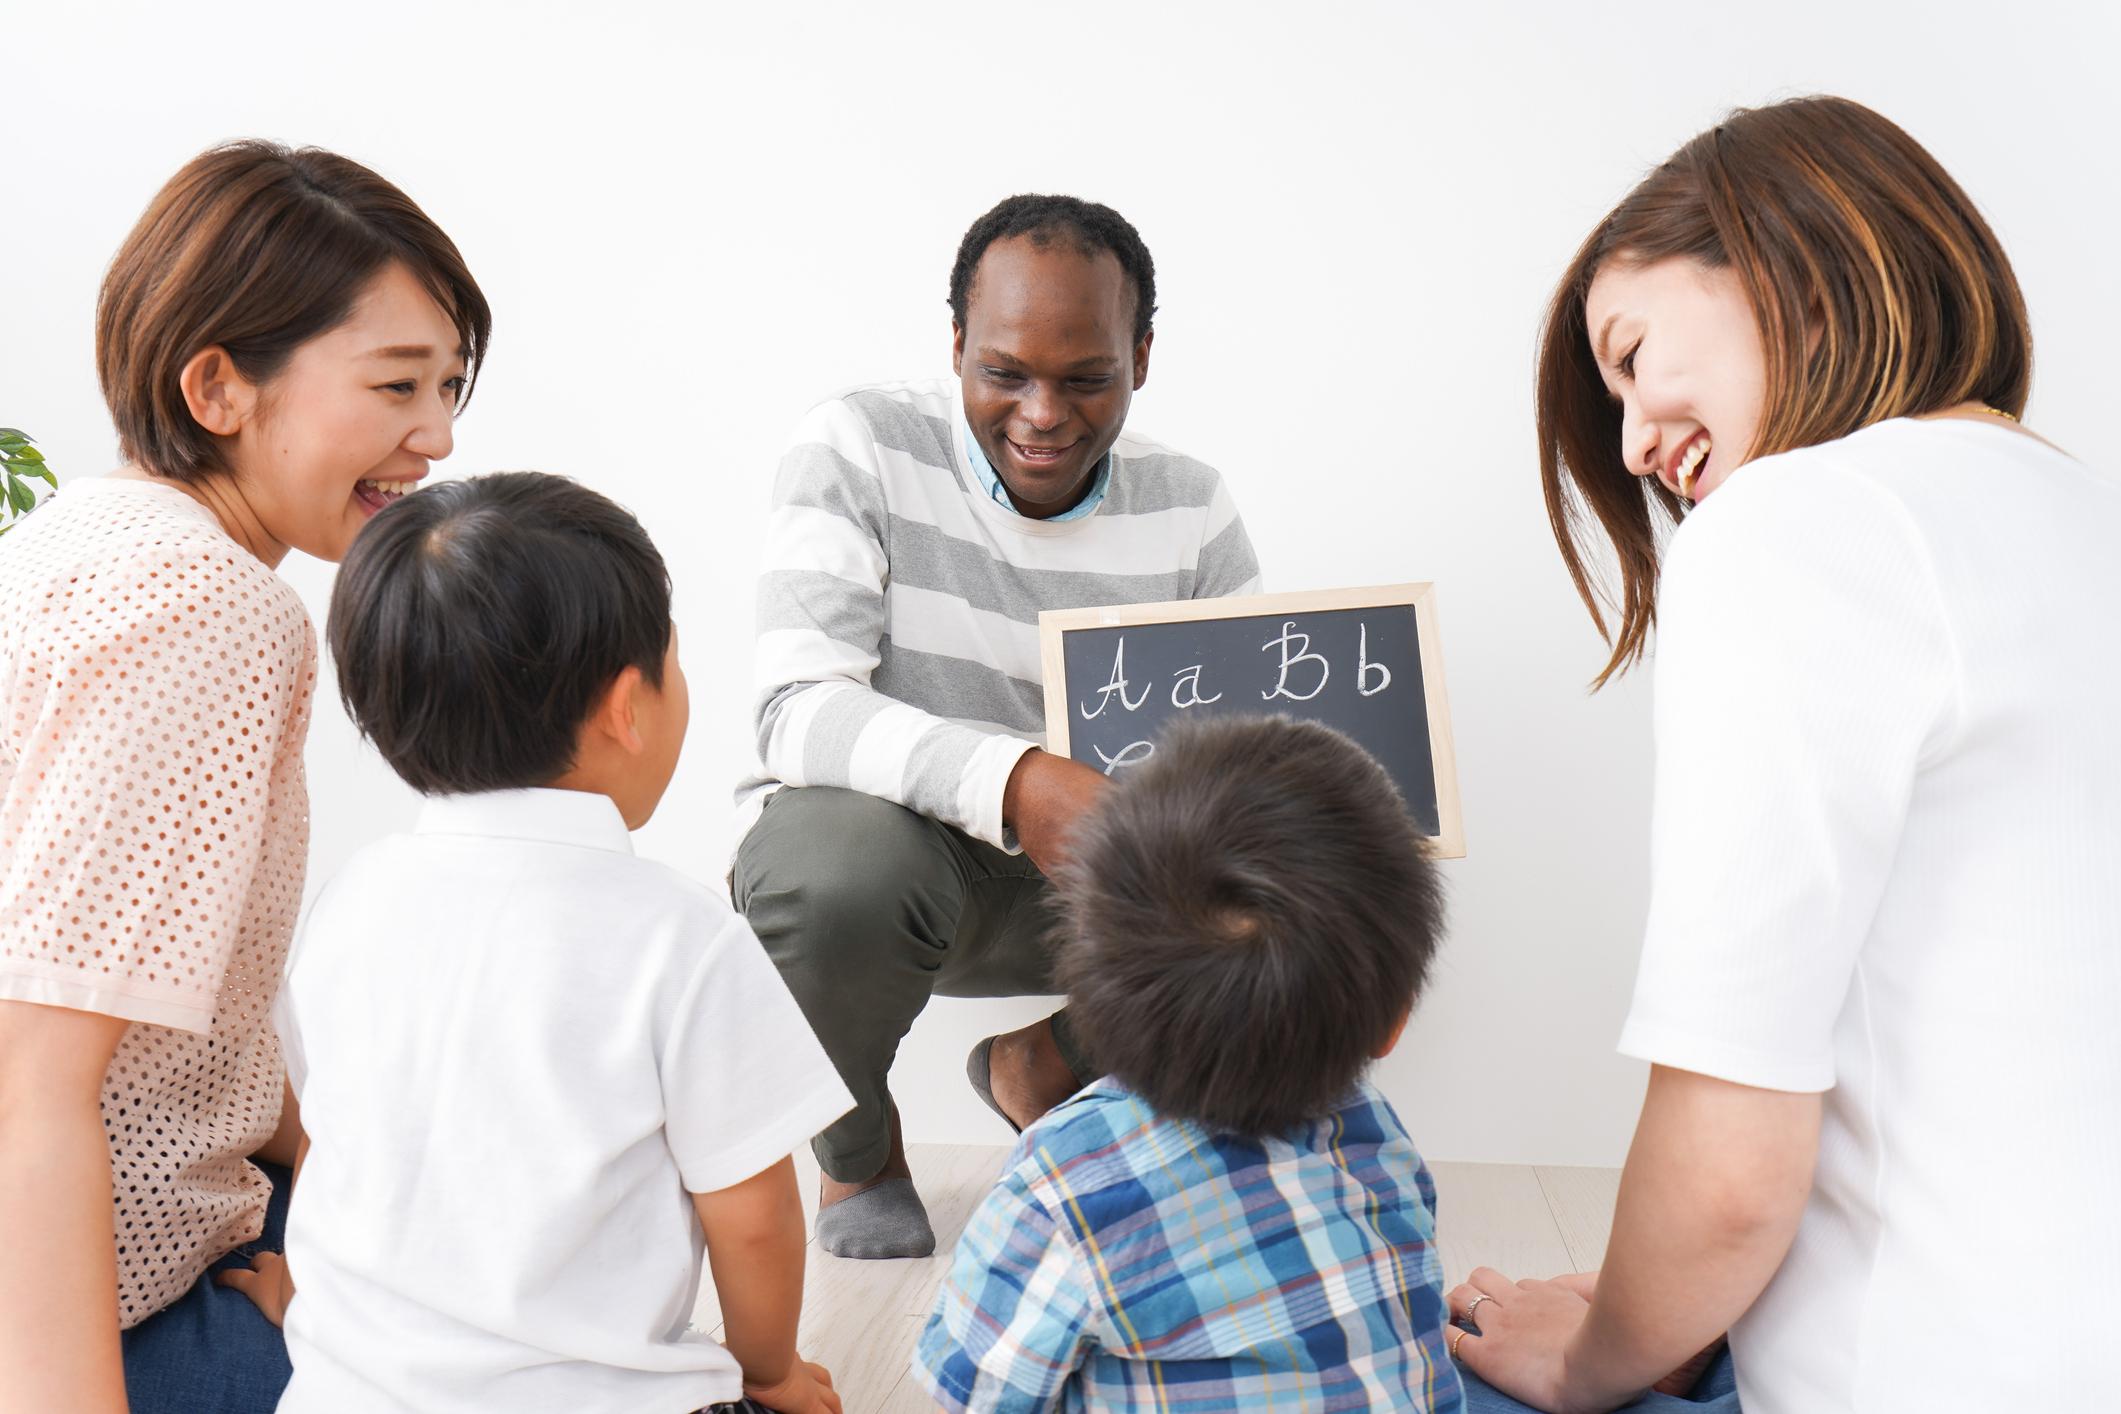 Trava-línguas em inglês podem ajudar seu filho a aprender?